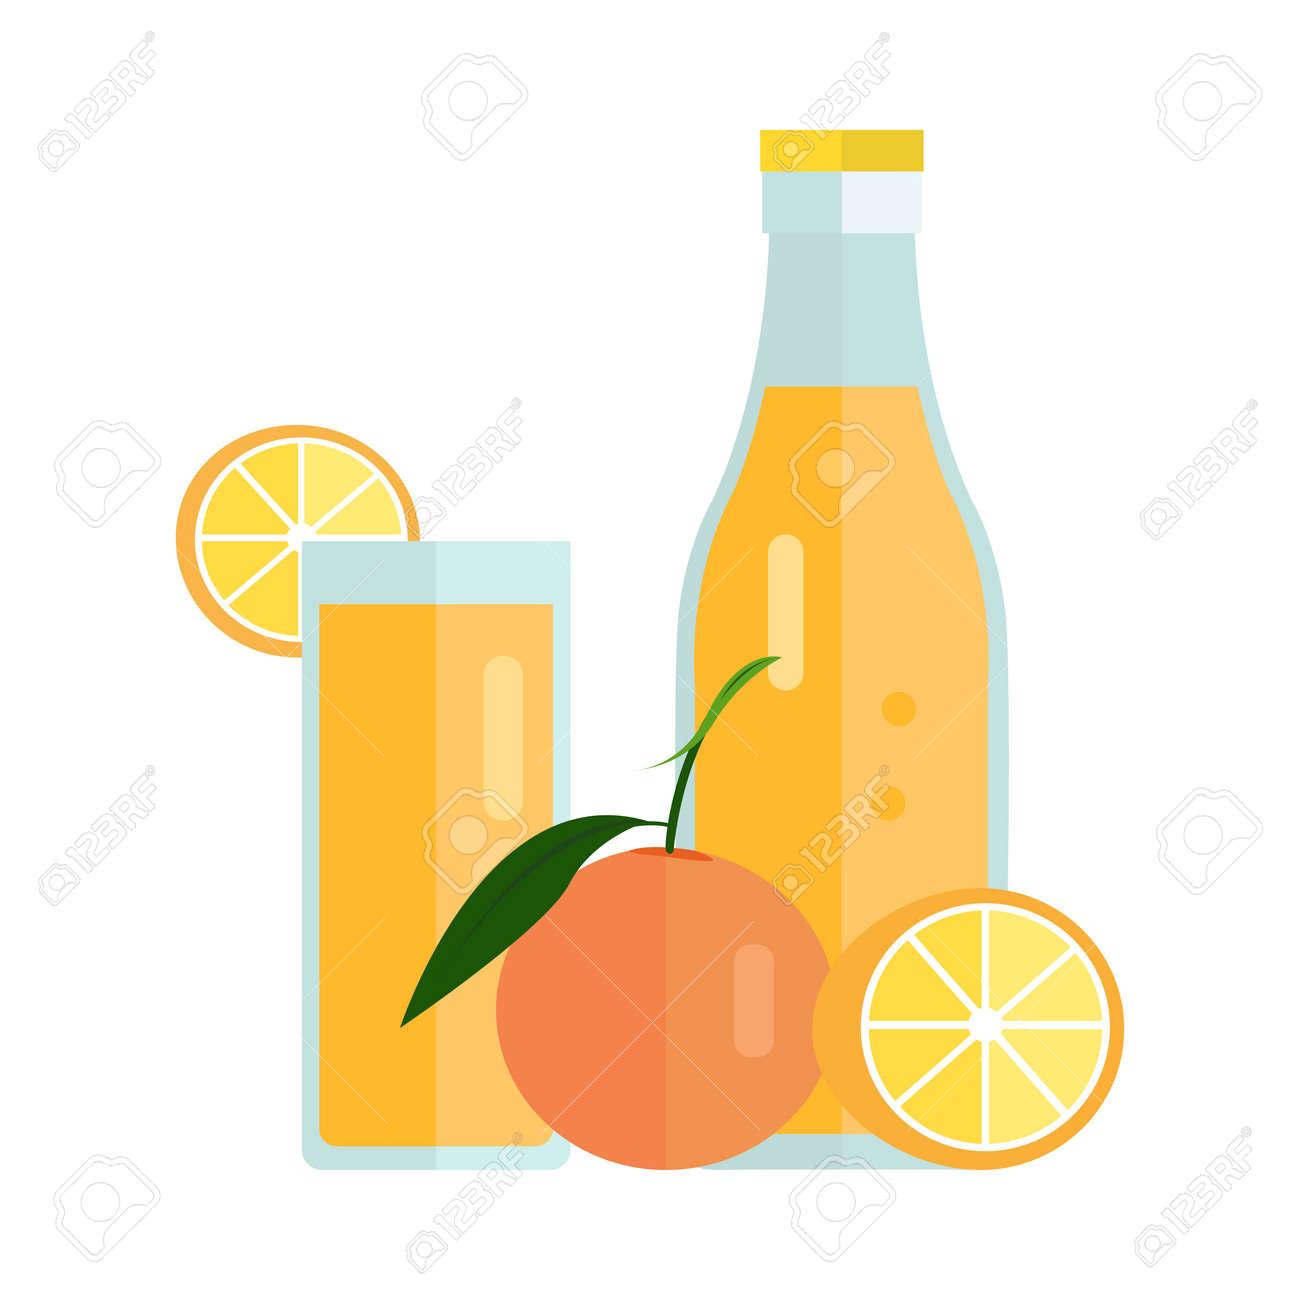 bouteille et verre avec boisson orange. vecteur de design plat. boisson  d'été doux, le concept de jus de fruits frais. illustration des icônes, des